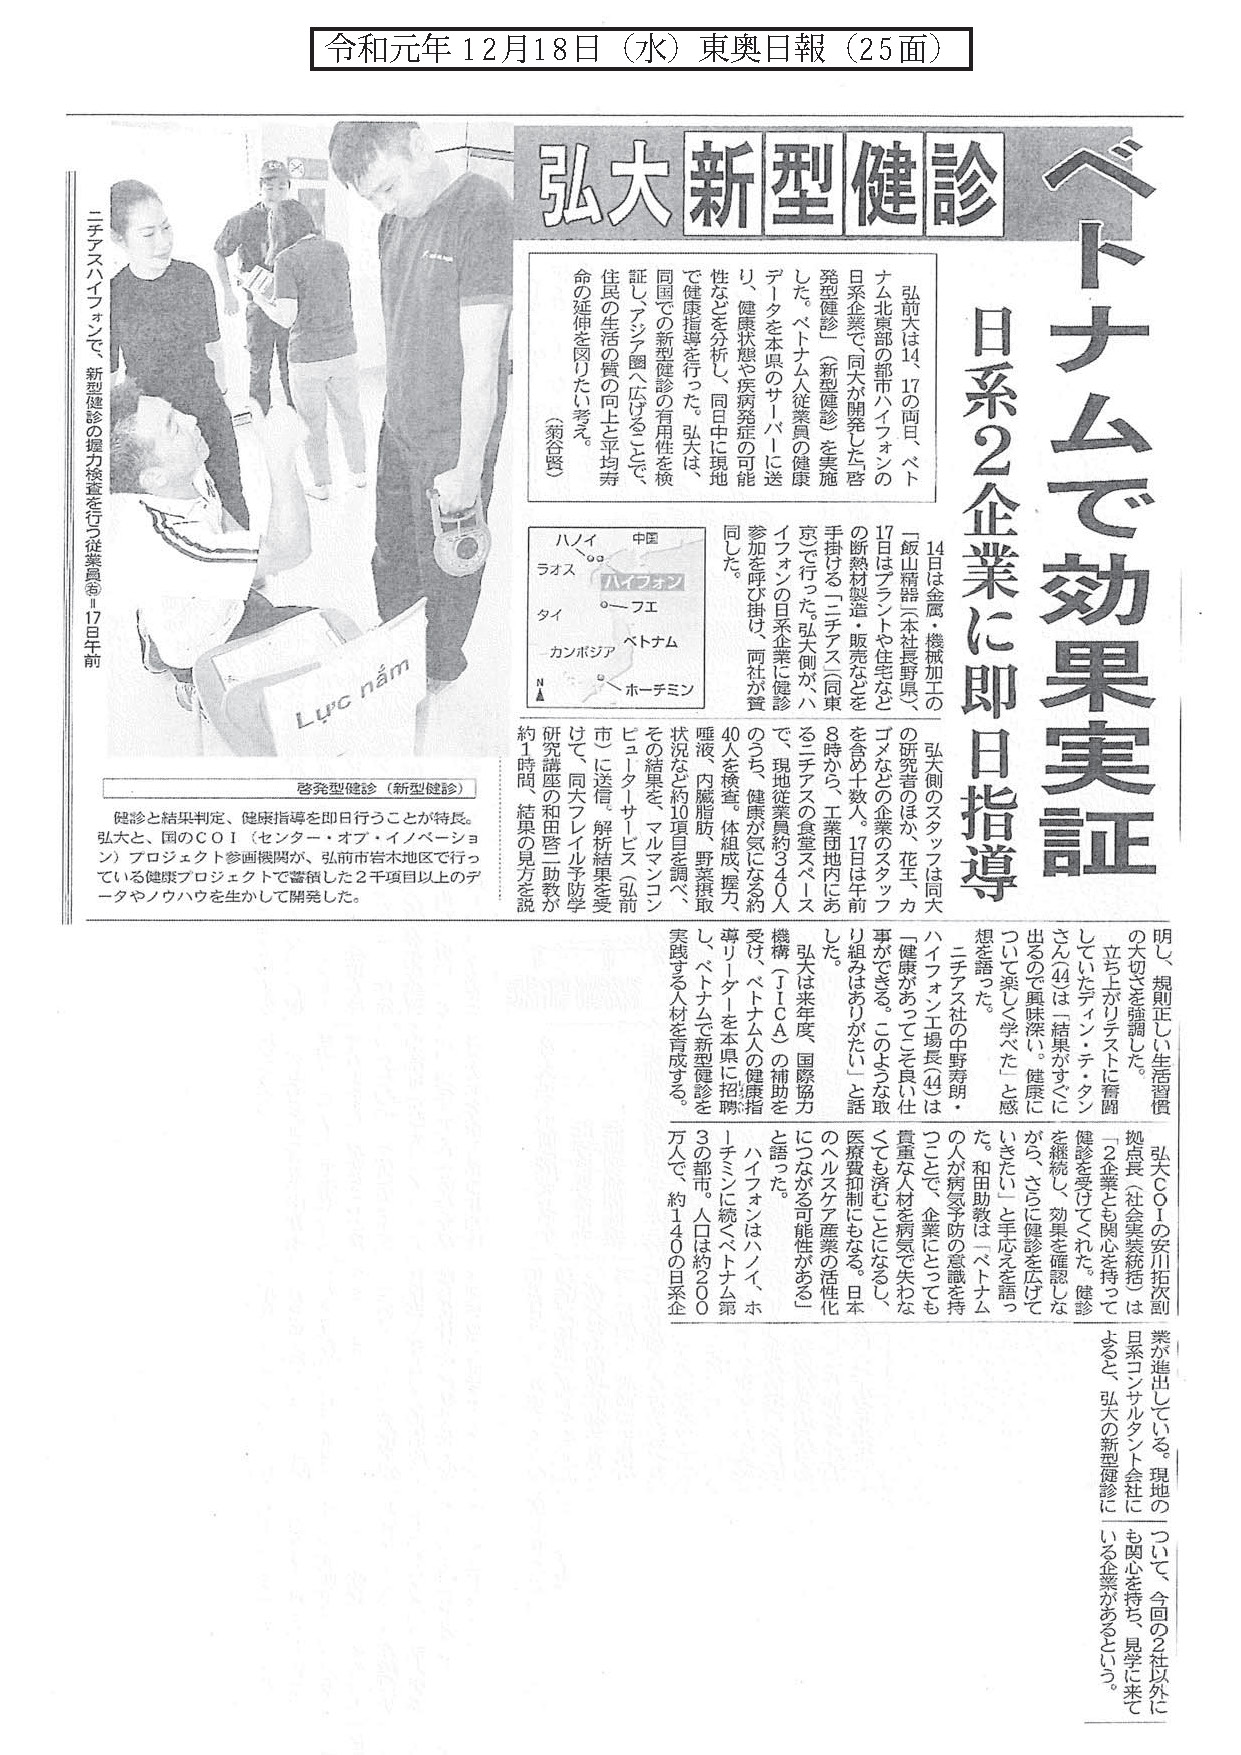 ニュース 東奥 日報